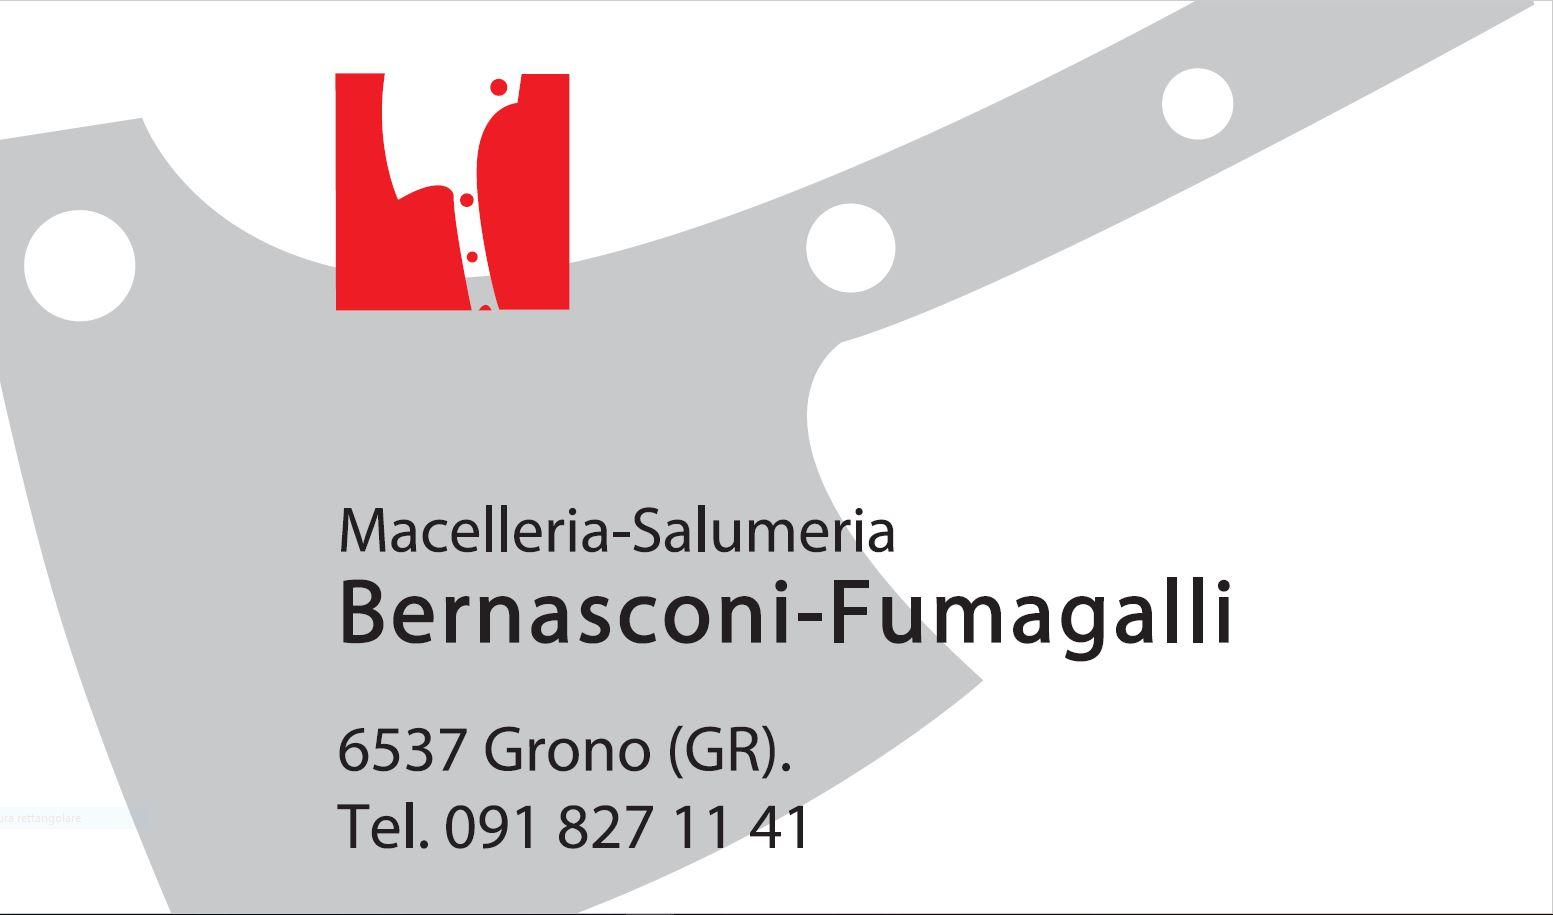 Bernasconi-Fumagalli